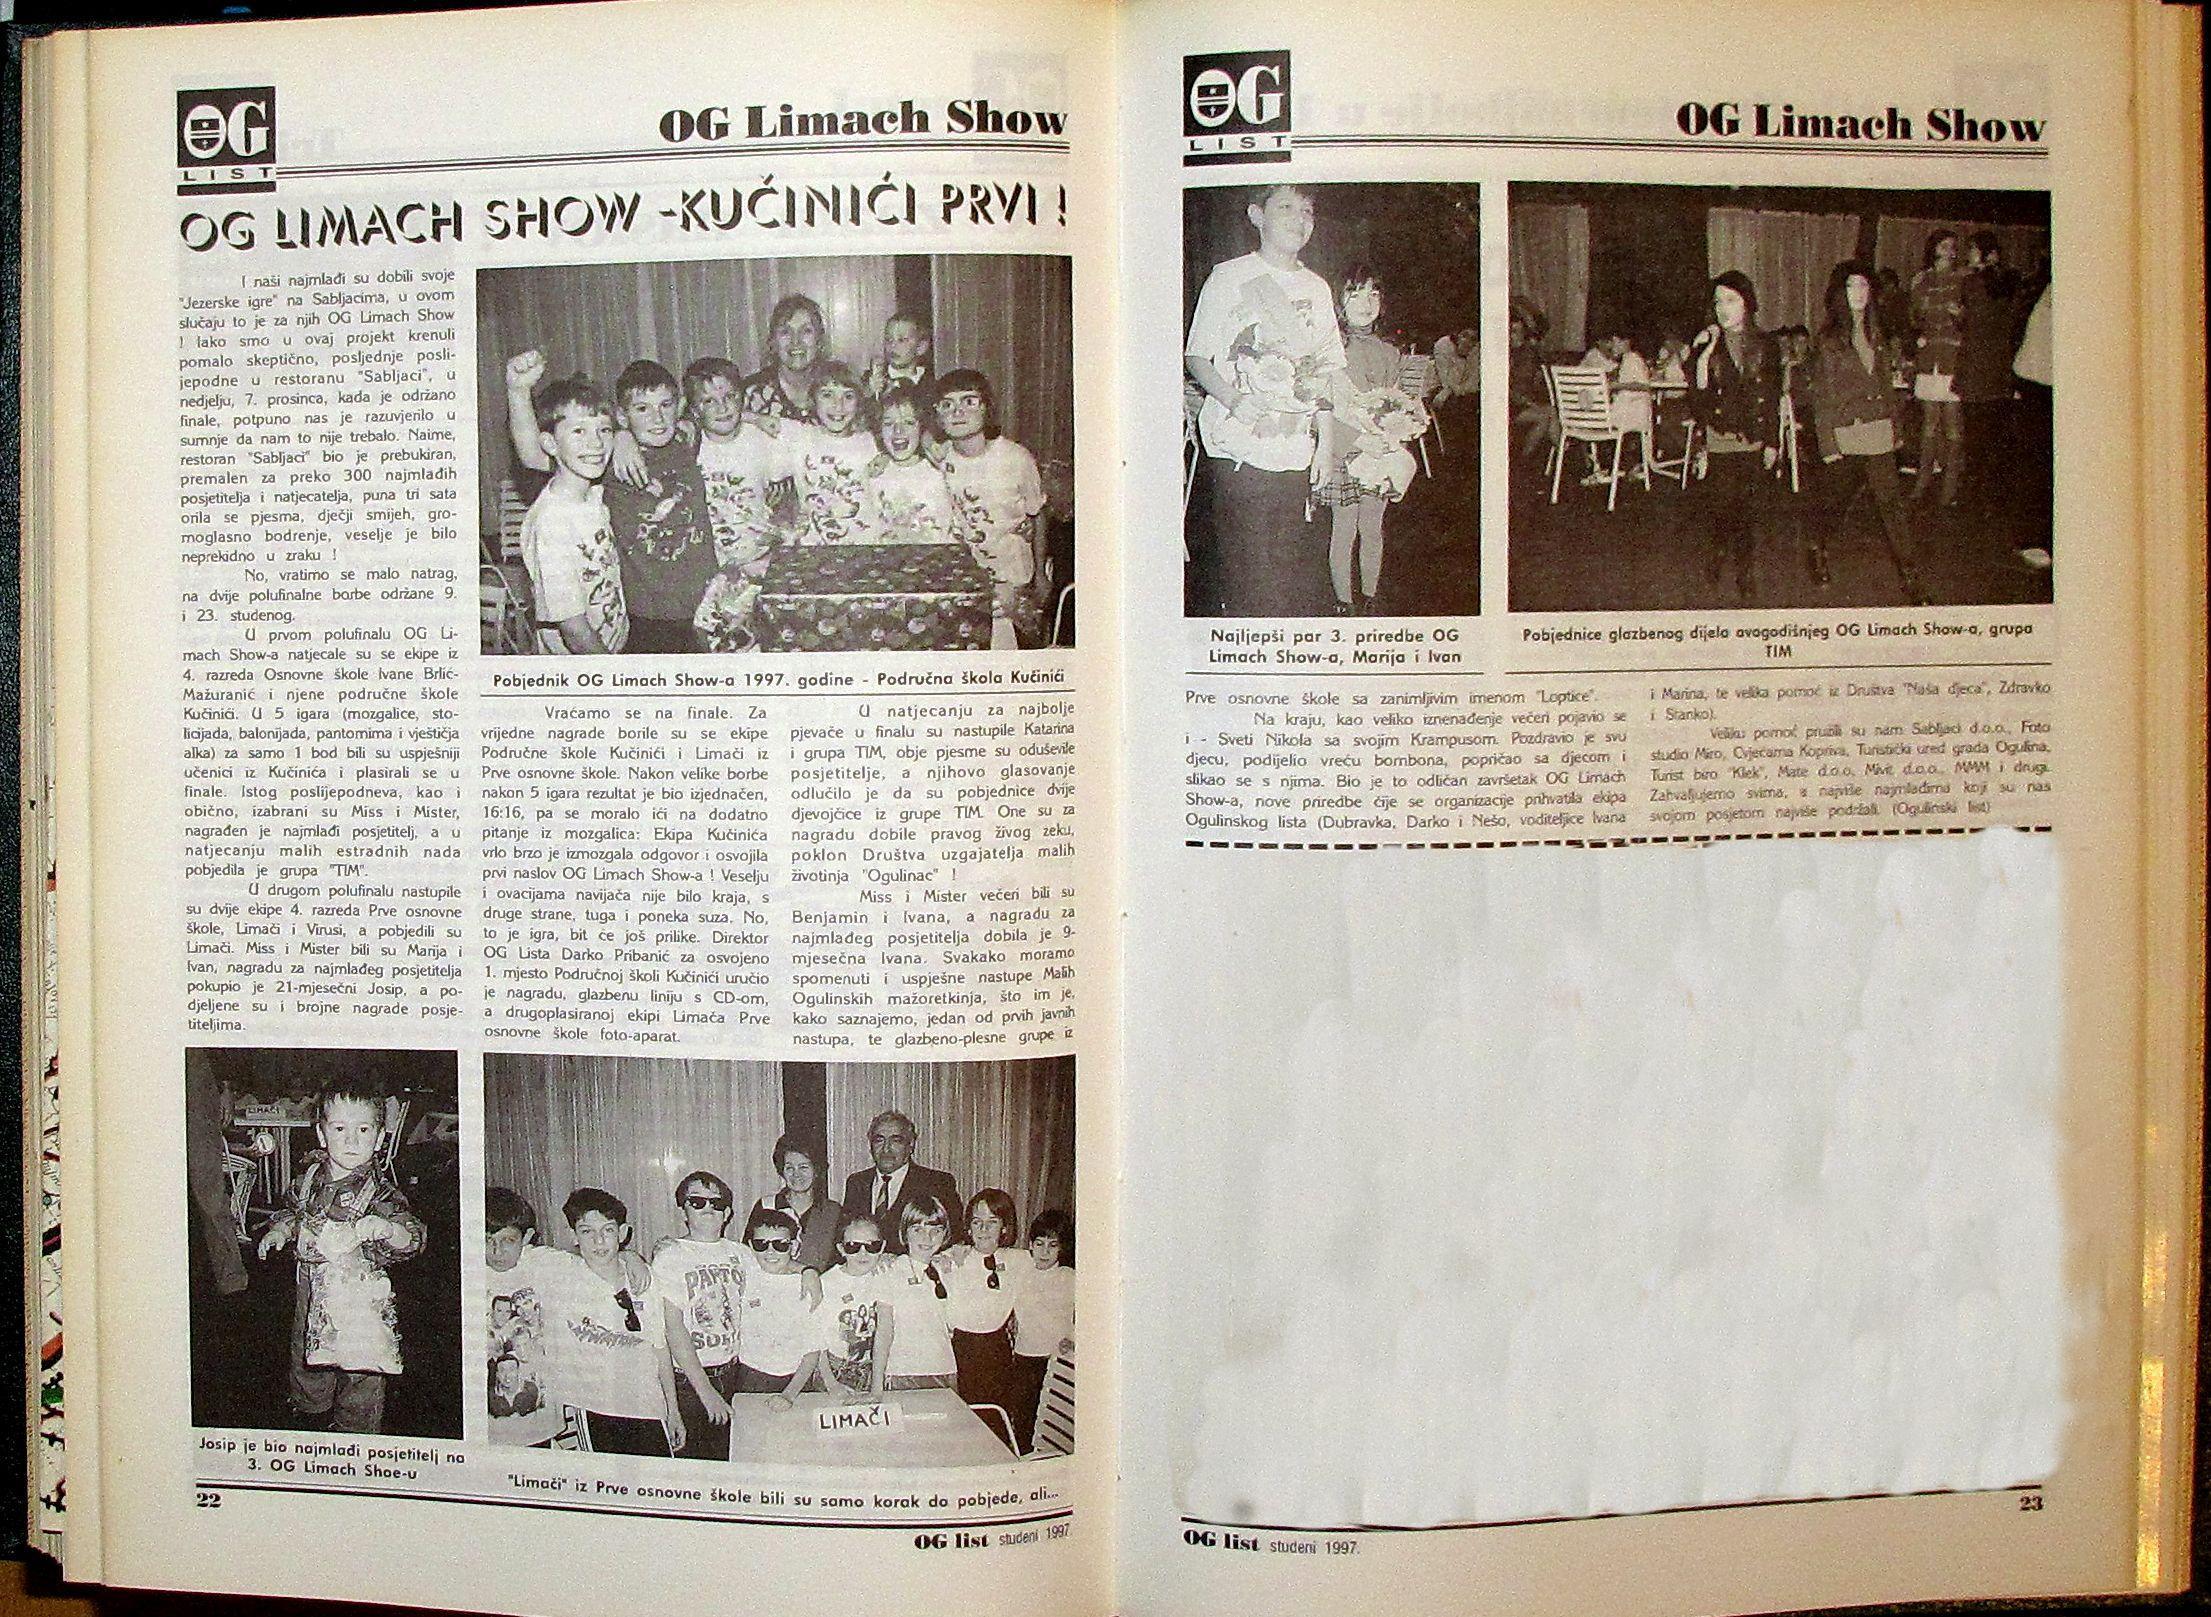 OG-LIST-STUD1997